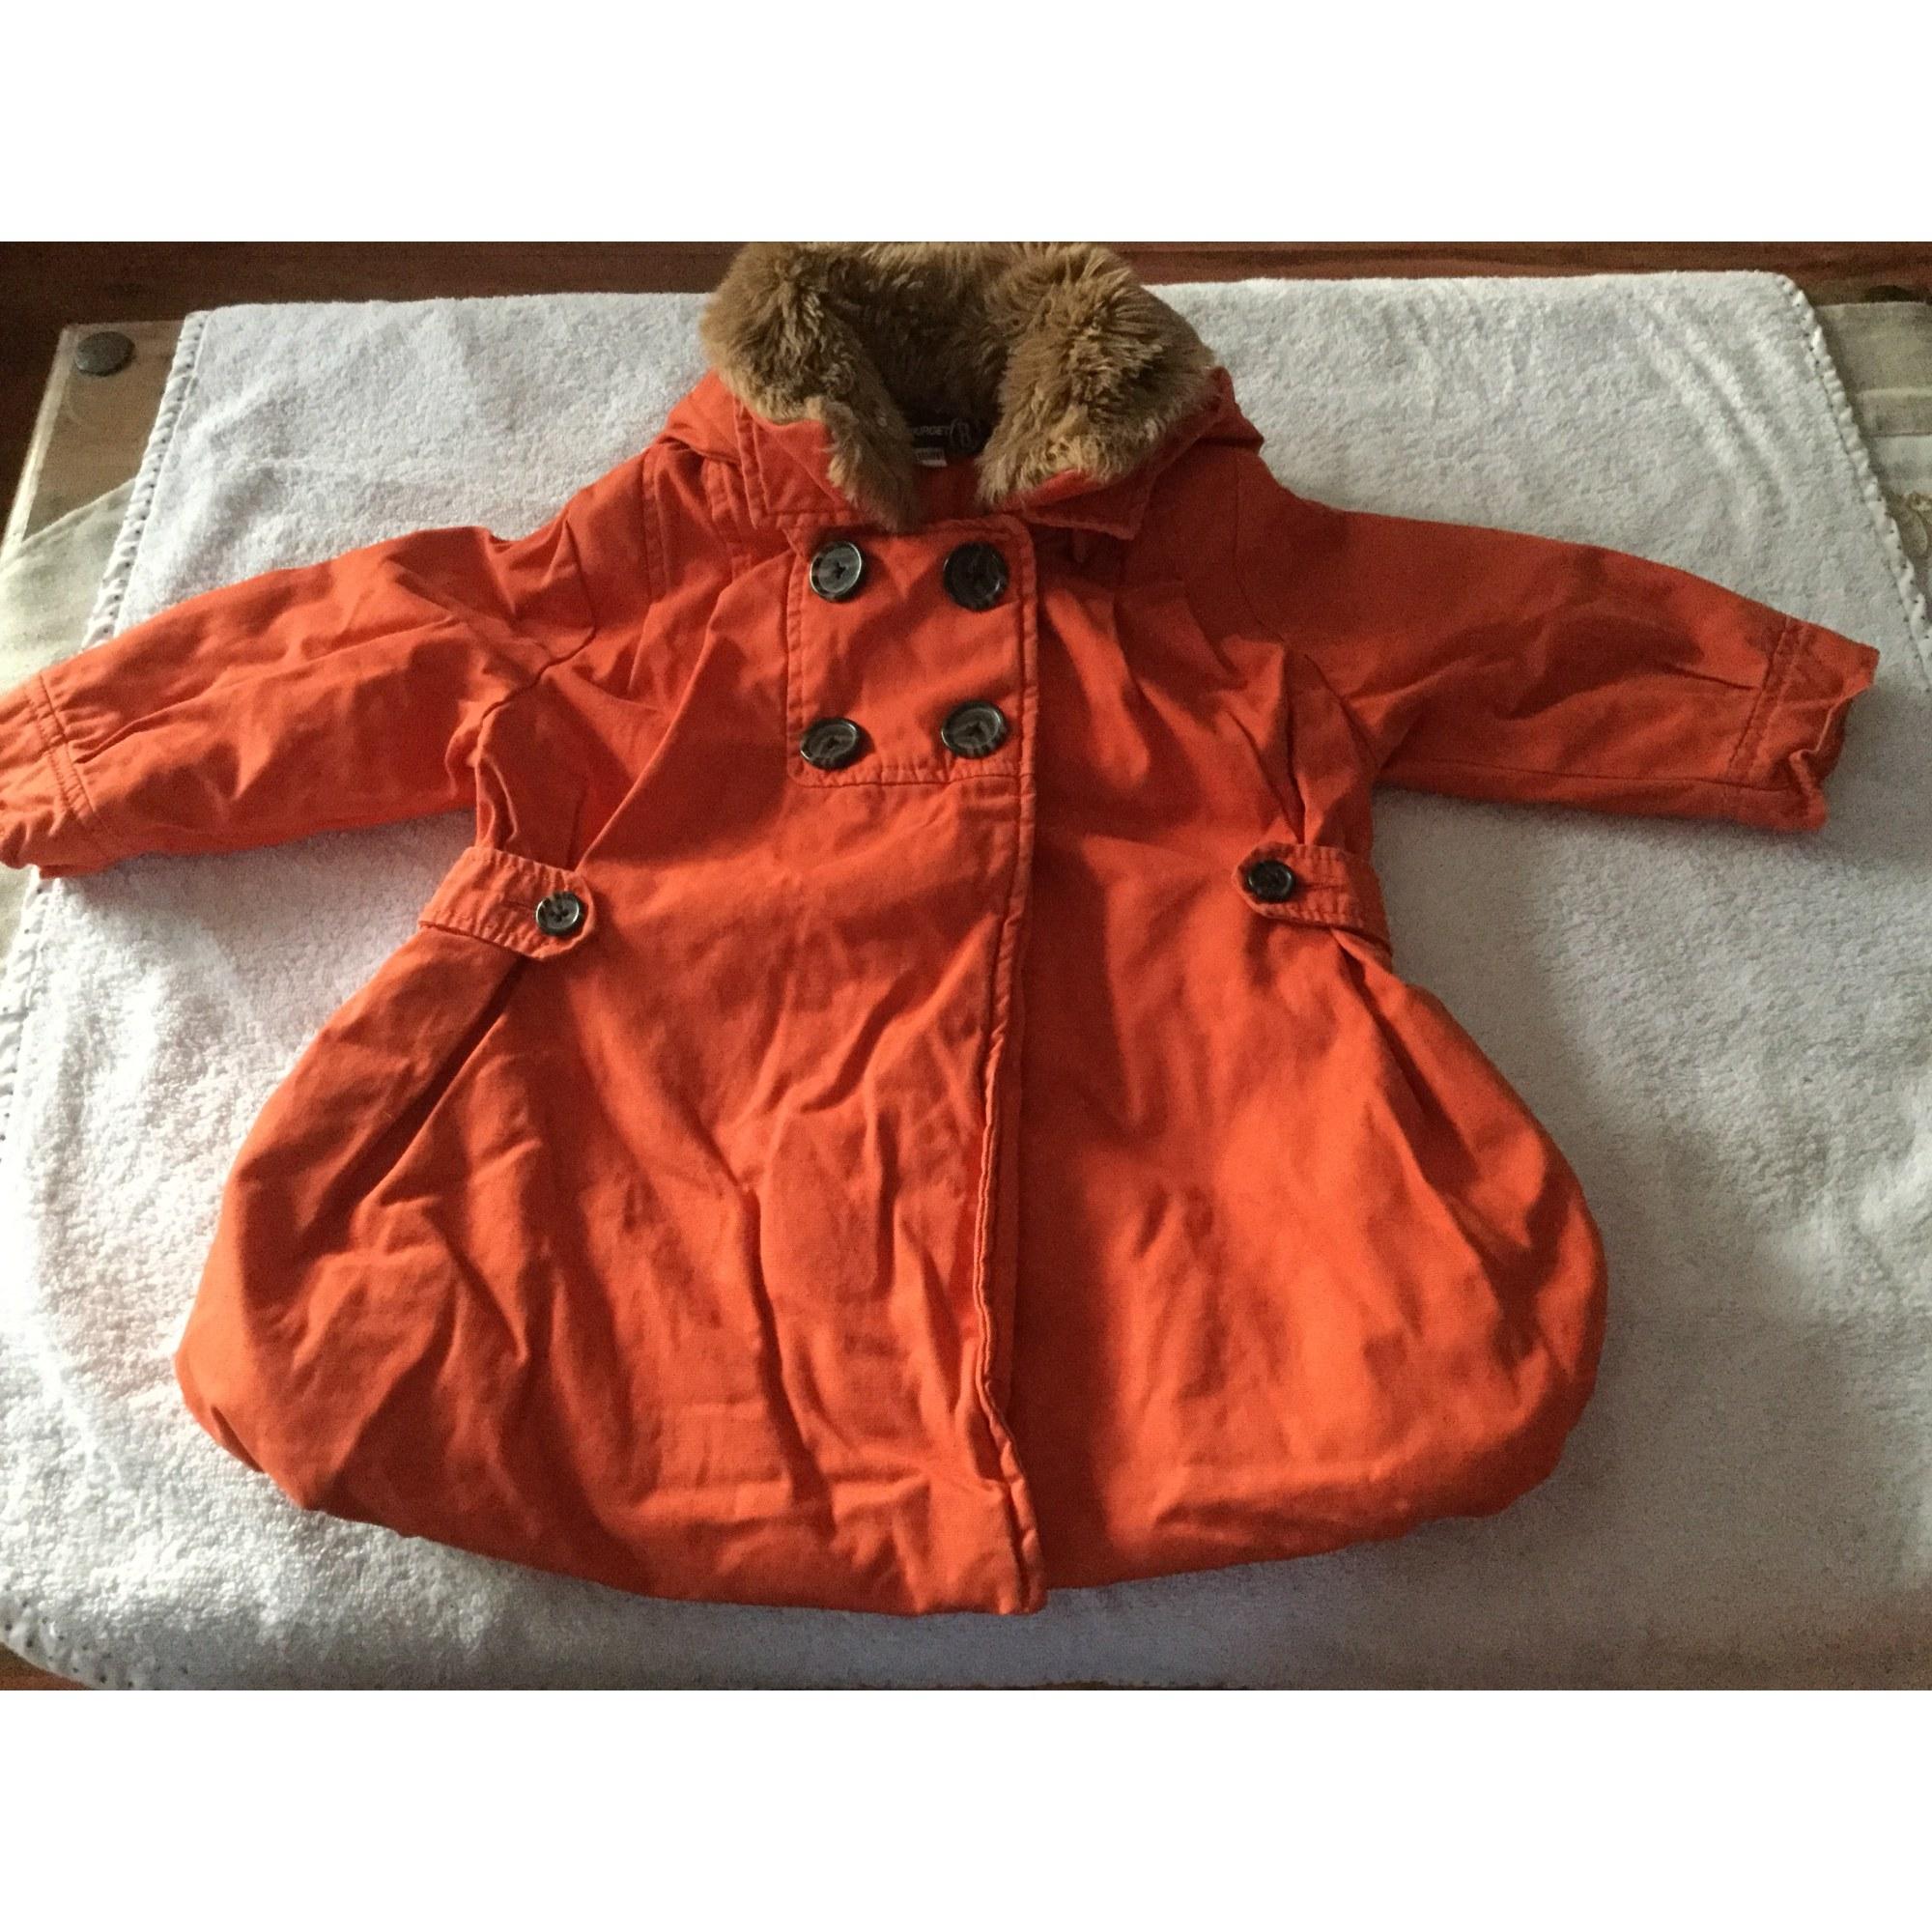 Mois Orange Veste Bourget Jean 5517003 18 wIxYPtYqn f94e65e84a7